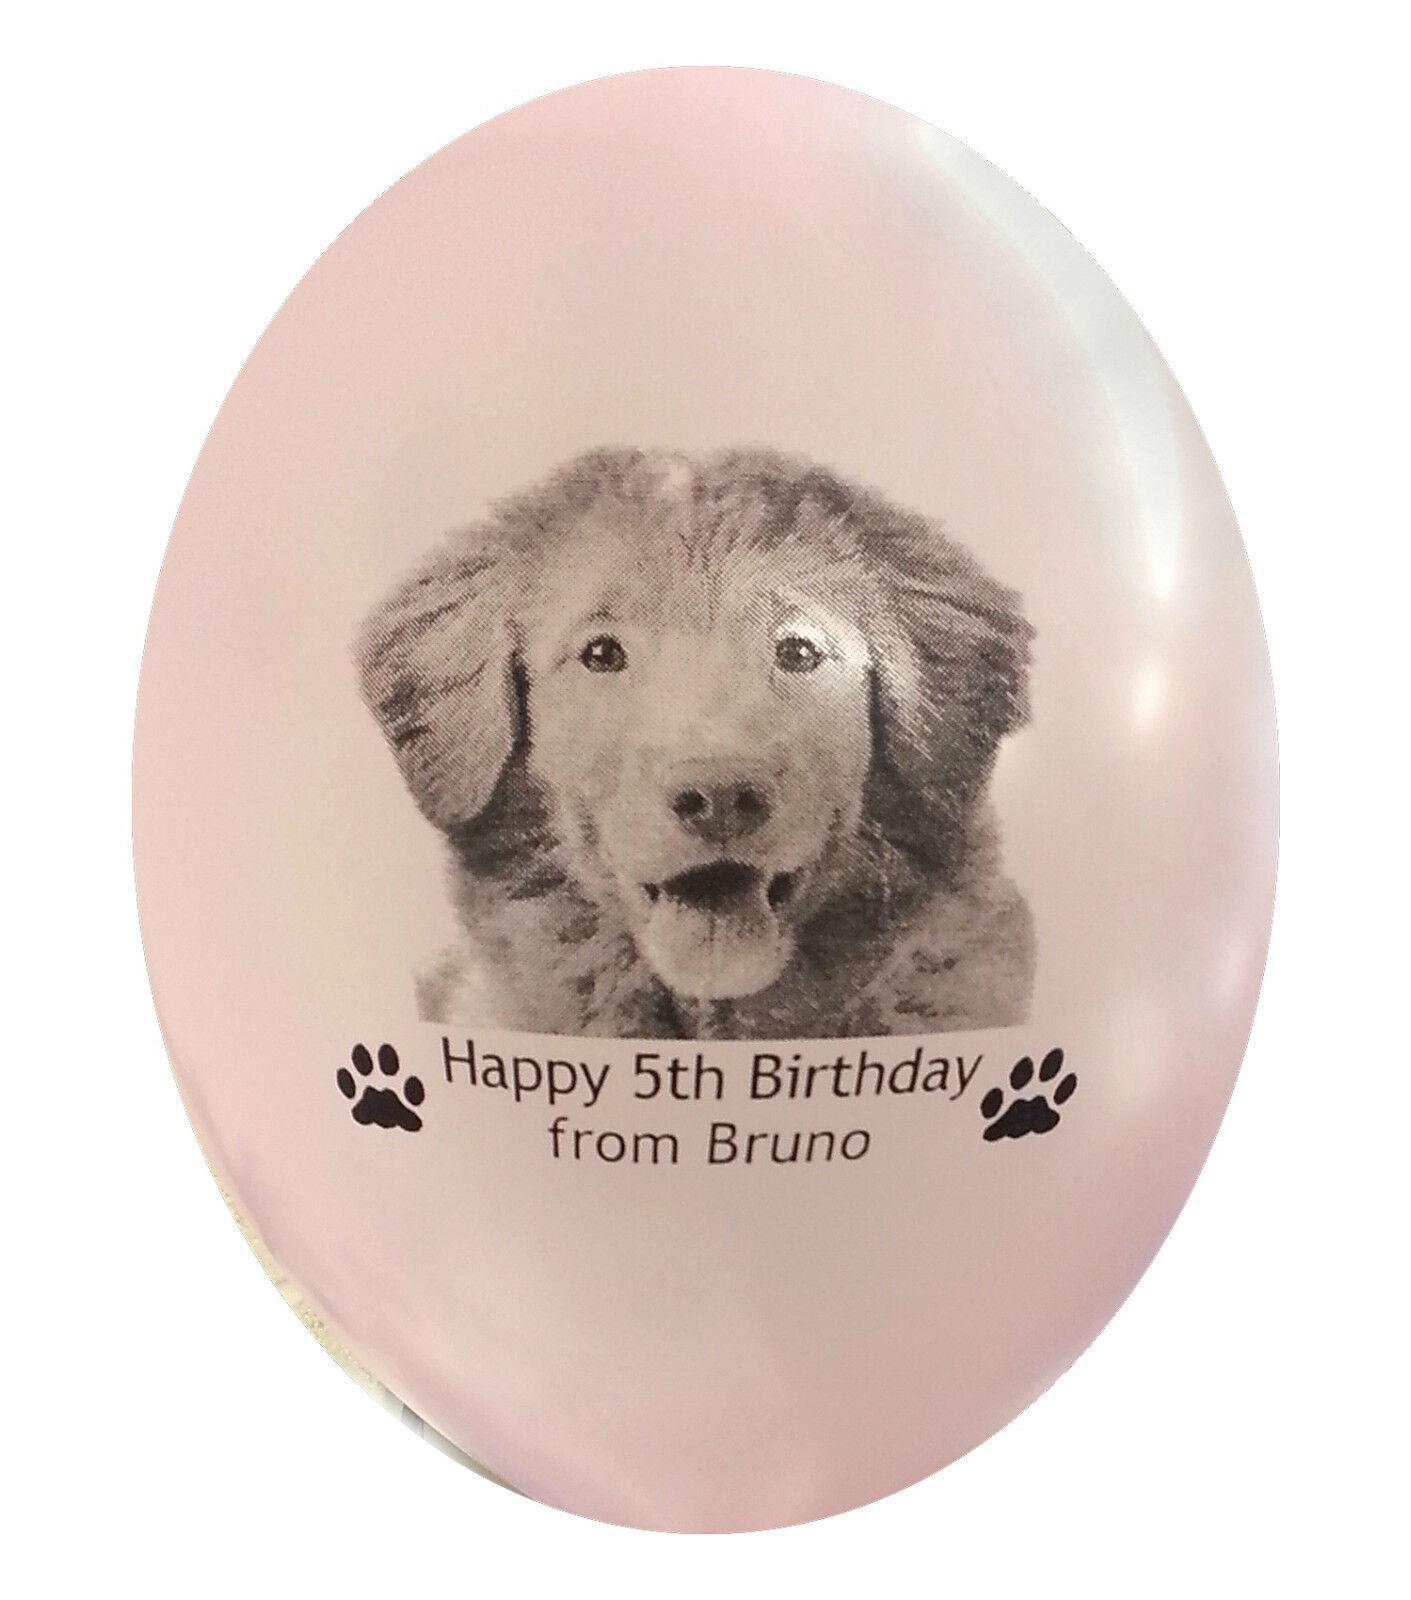 Haustier Luftballons Hunde Foto Geburtstag Geschenk Personalisiert 15 mit Bild | Elegante Form  | Züchtungen Eingeführt Werden Eine Nach Der Anderen